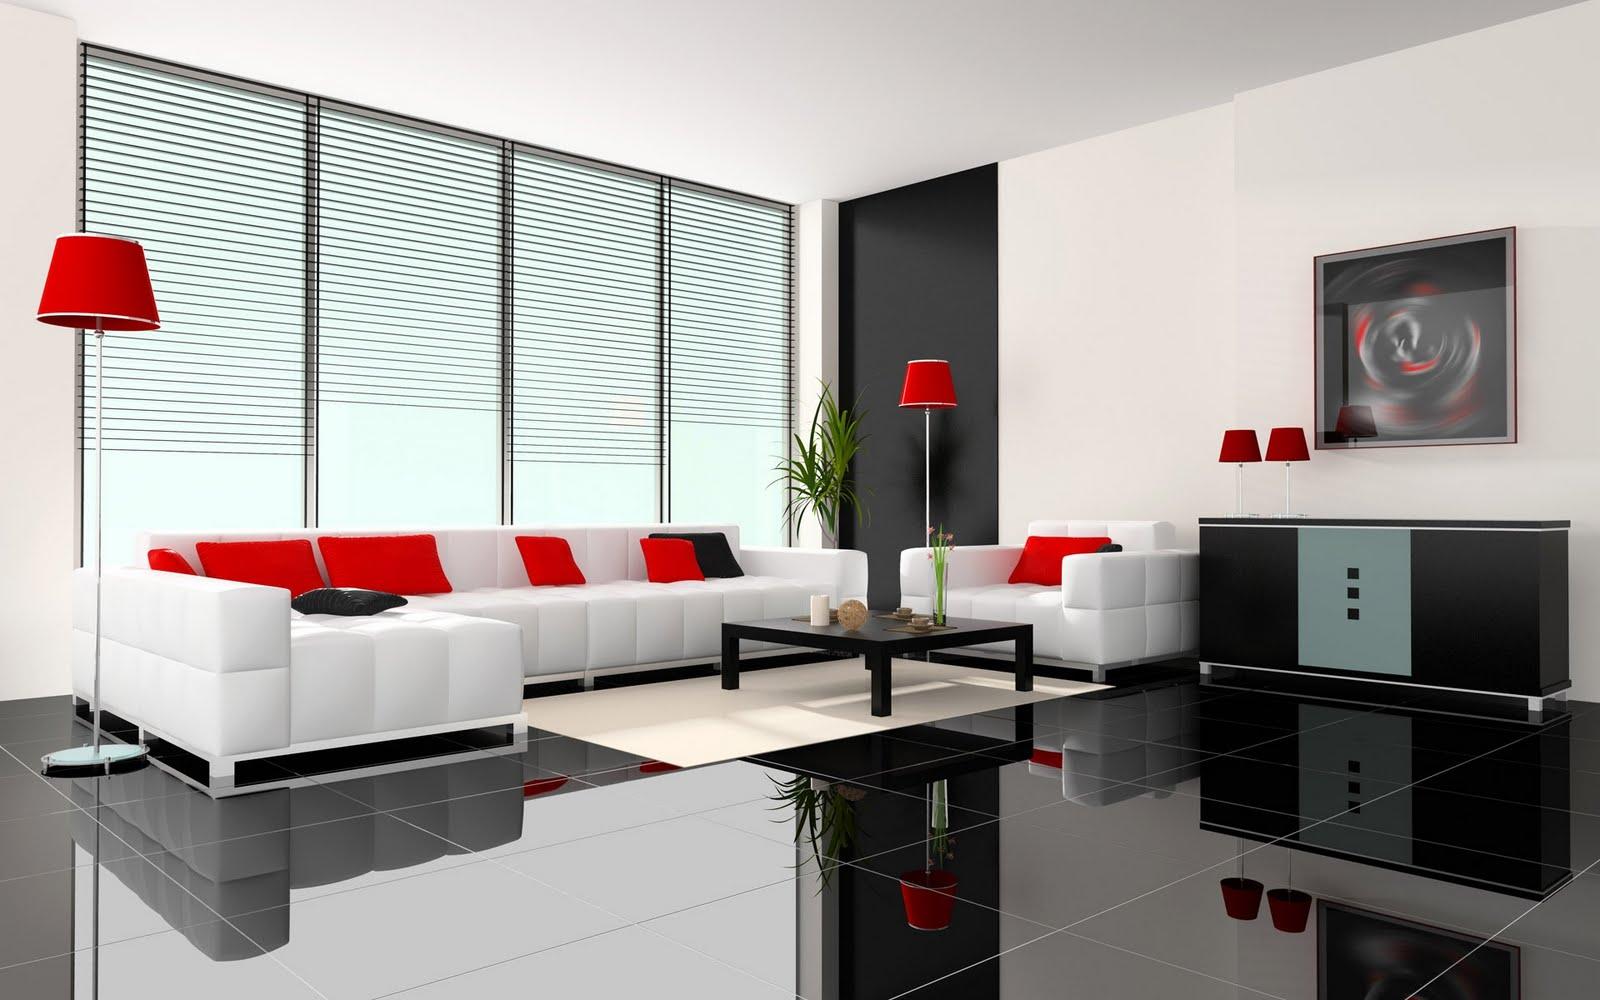 Banco de im genes para ver disfrutar y compartir decoraci n de interiores ideas fabulosas - Outstanding one room apartment decoration in bright white design ...